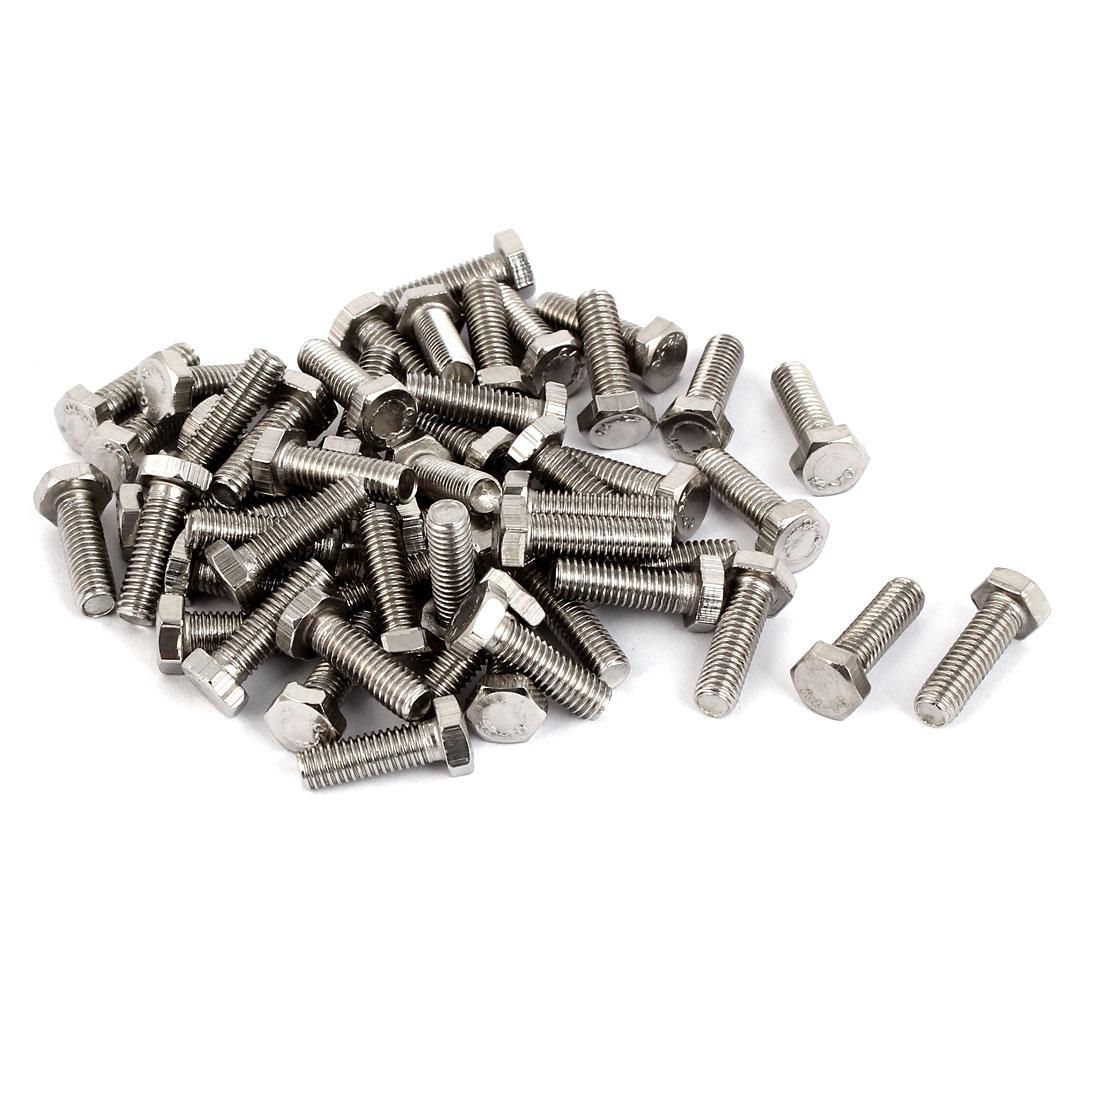 M5 x 16mm Stainless Steel External Hex Drive Hexagon Screws Bolts DIN 933 50PCS